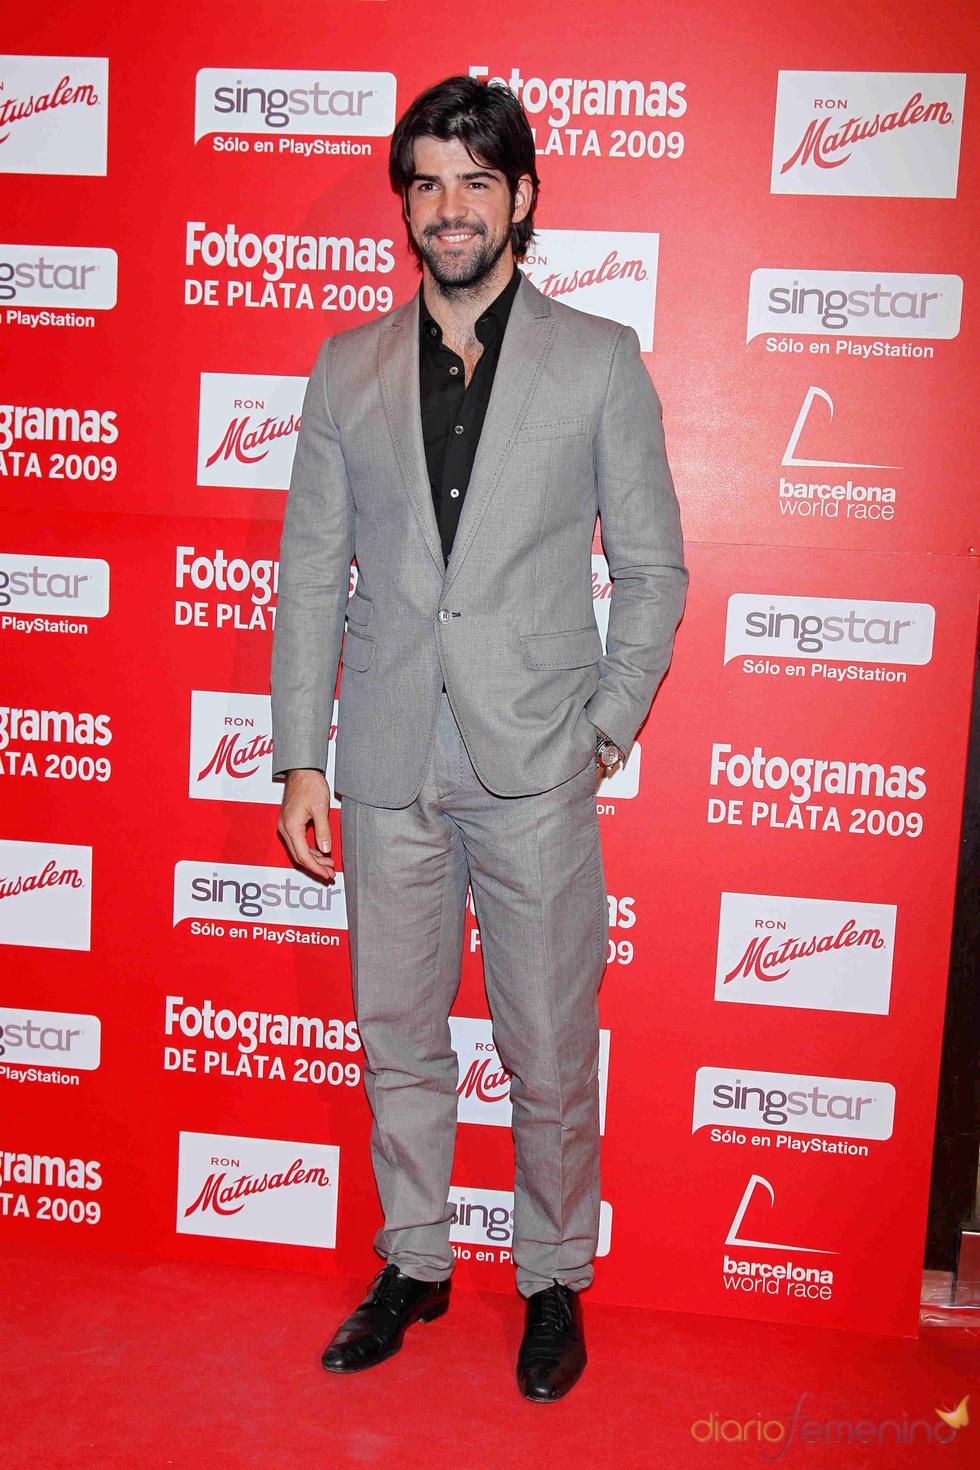 Miguel Ángel Muñoz en los Fotogramas de Plata 2009